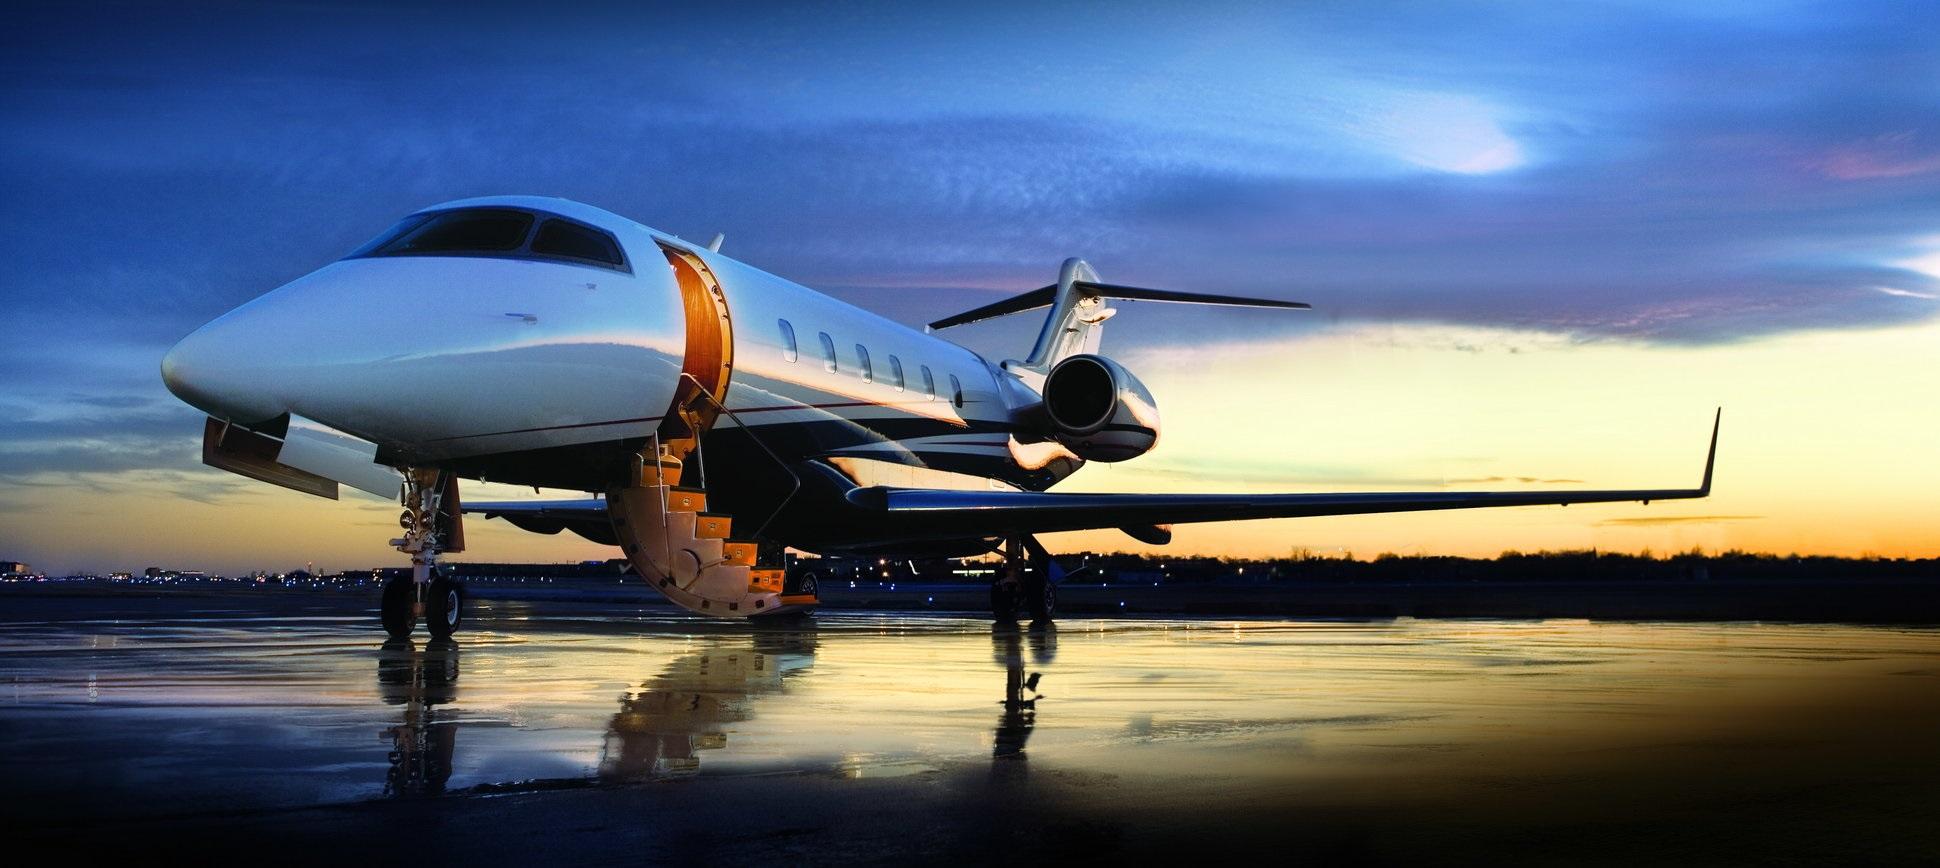 Сколько стоит перелет на частном самолете